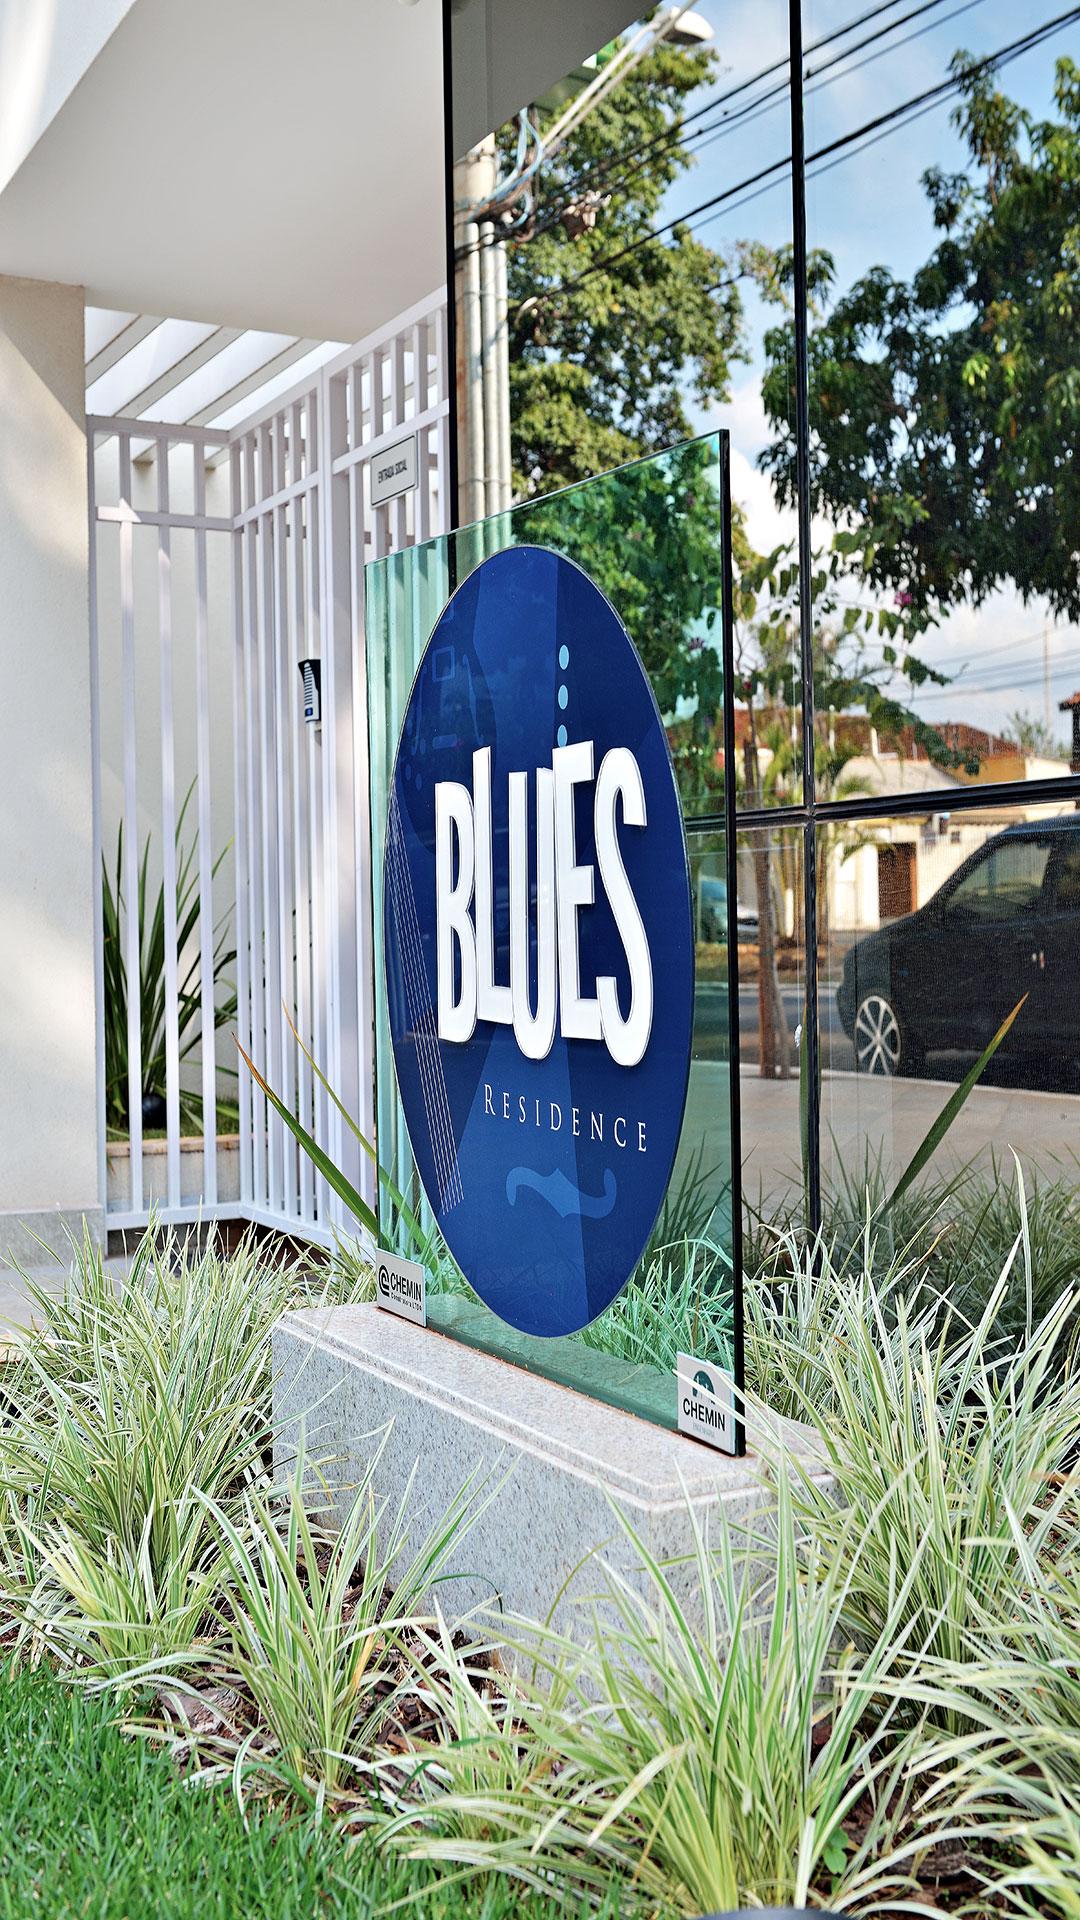 Blues Residence - Chemin Engenharia